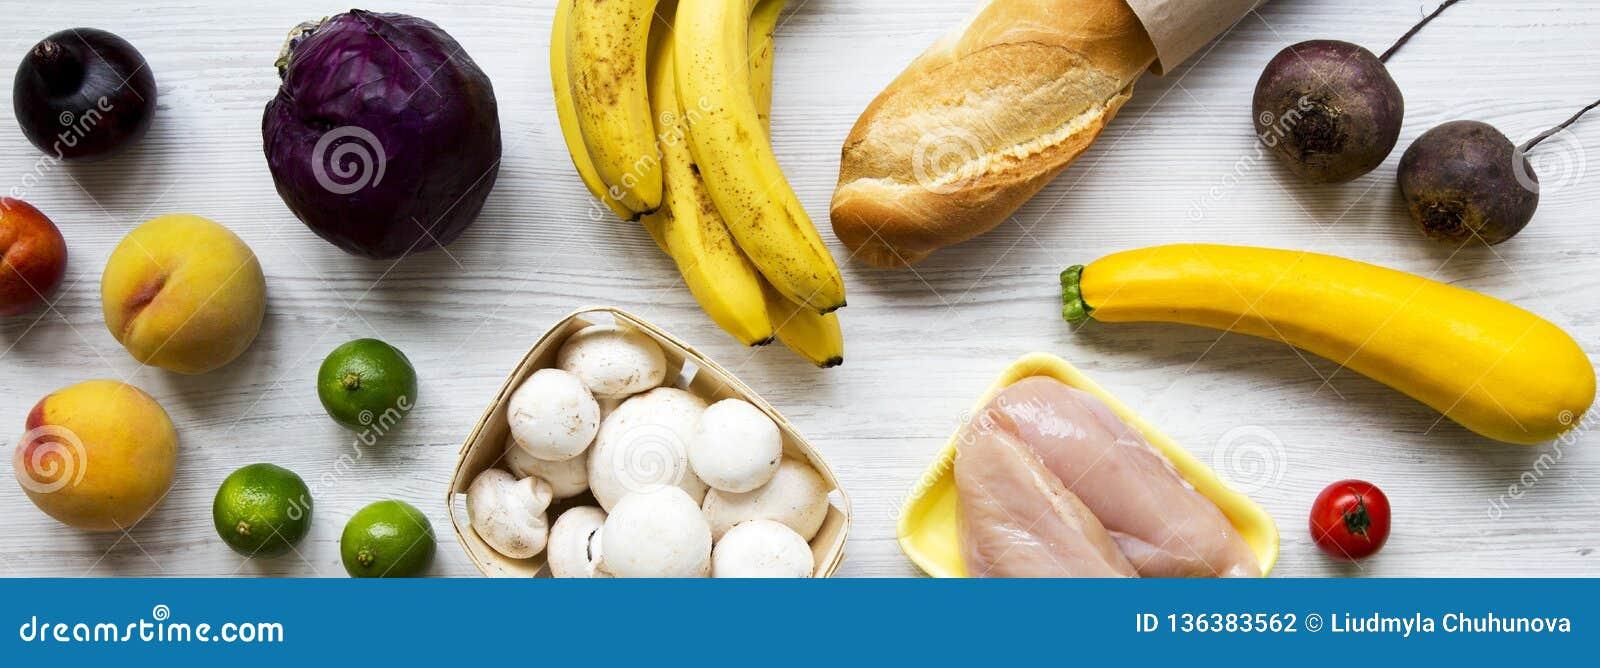 Fije del diverso alimento biológico en el fondo de madera blanco, visión de arriba Cocinar el fondo de la comida Concepto de la c